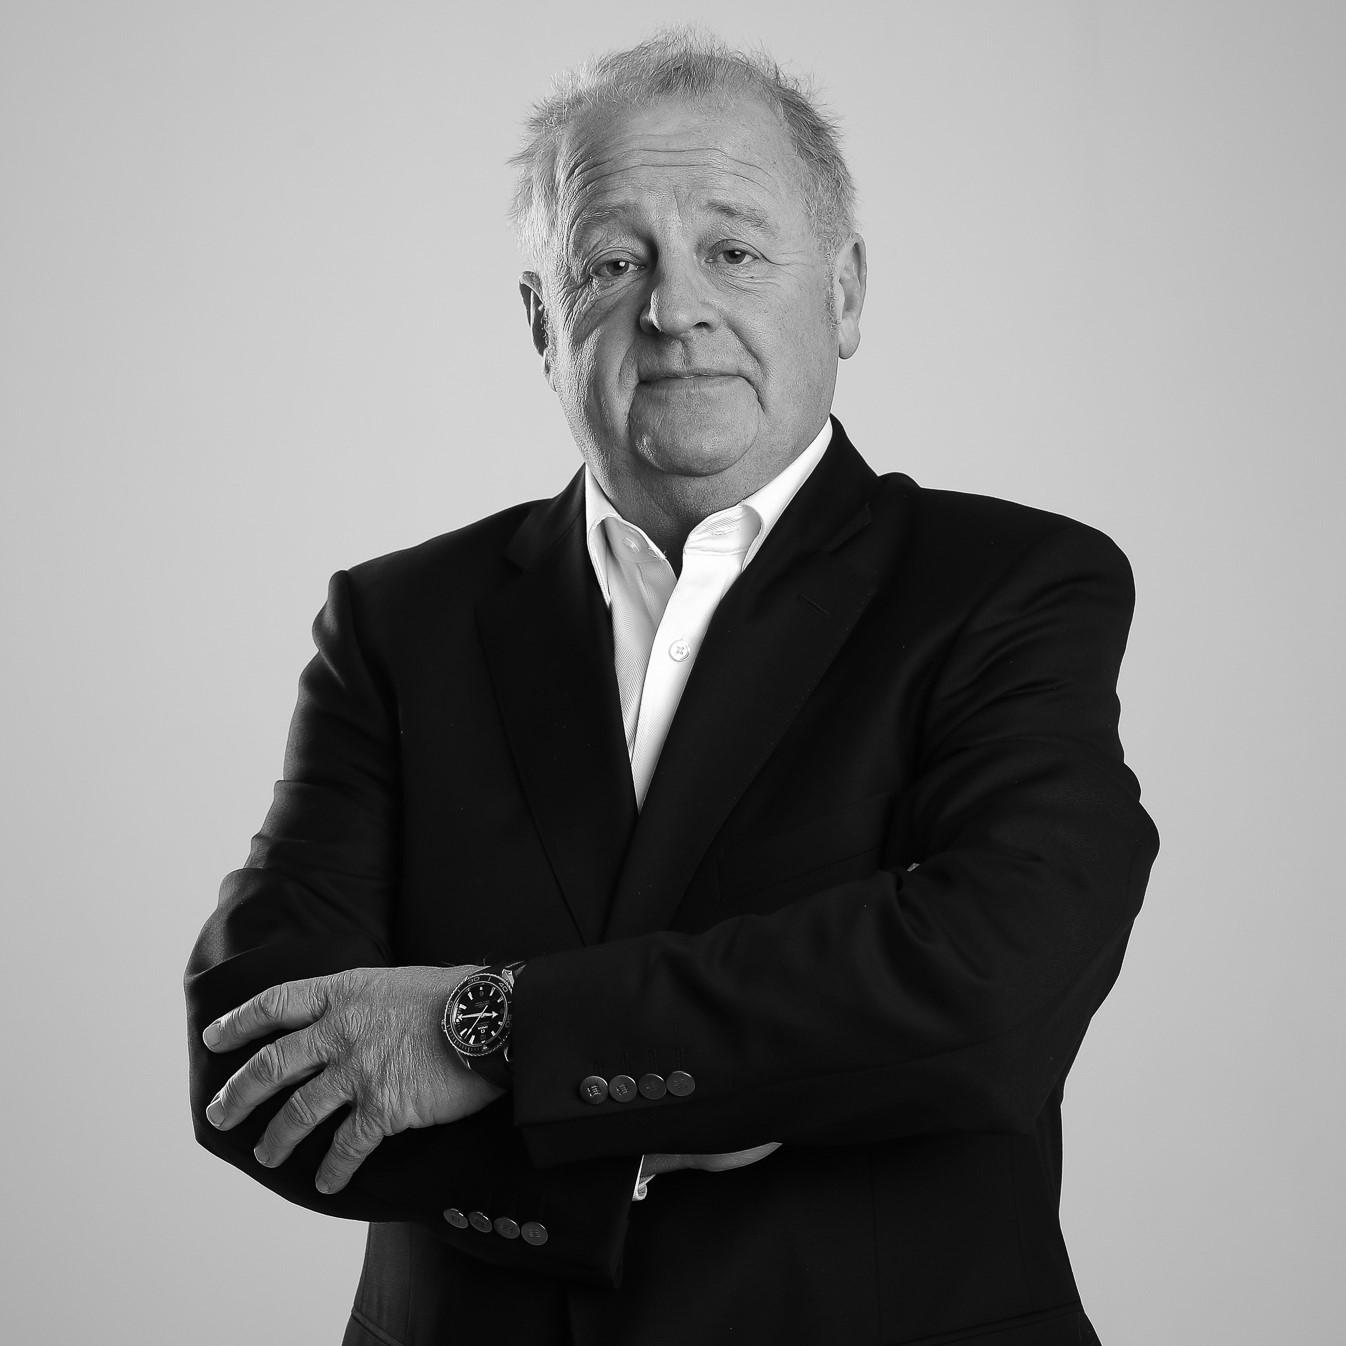 Alan Mumby